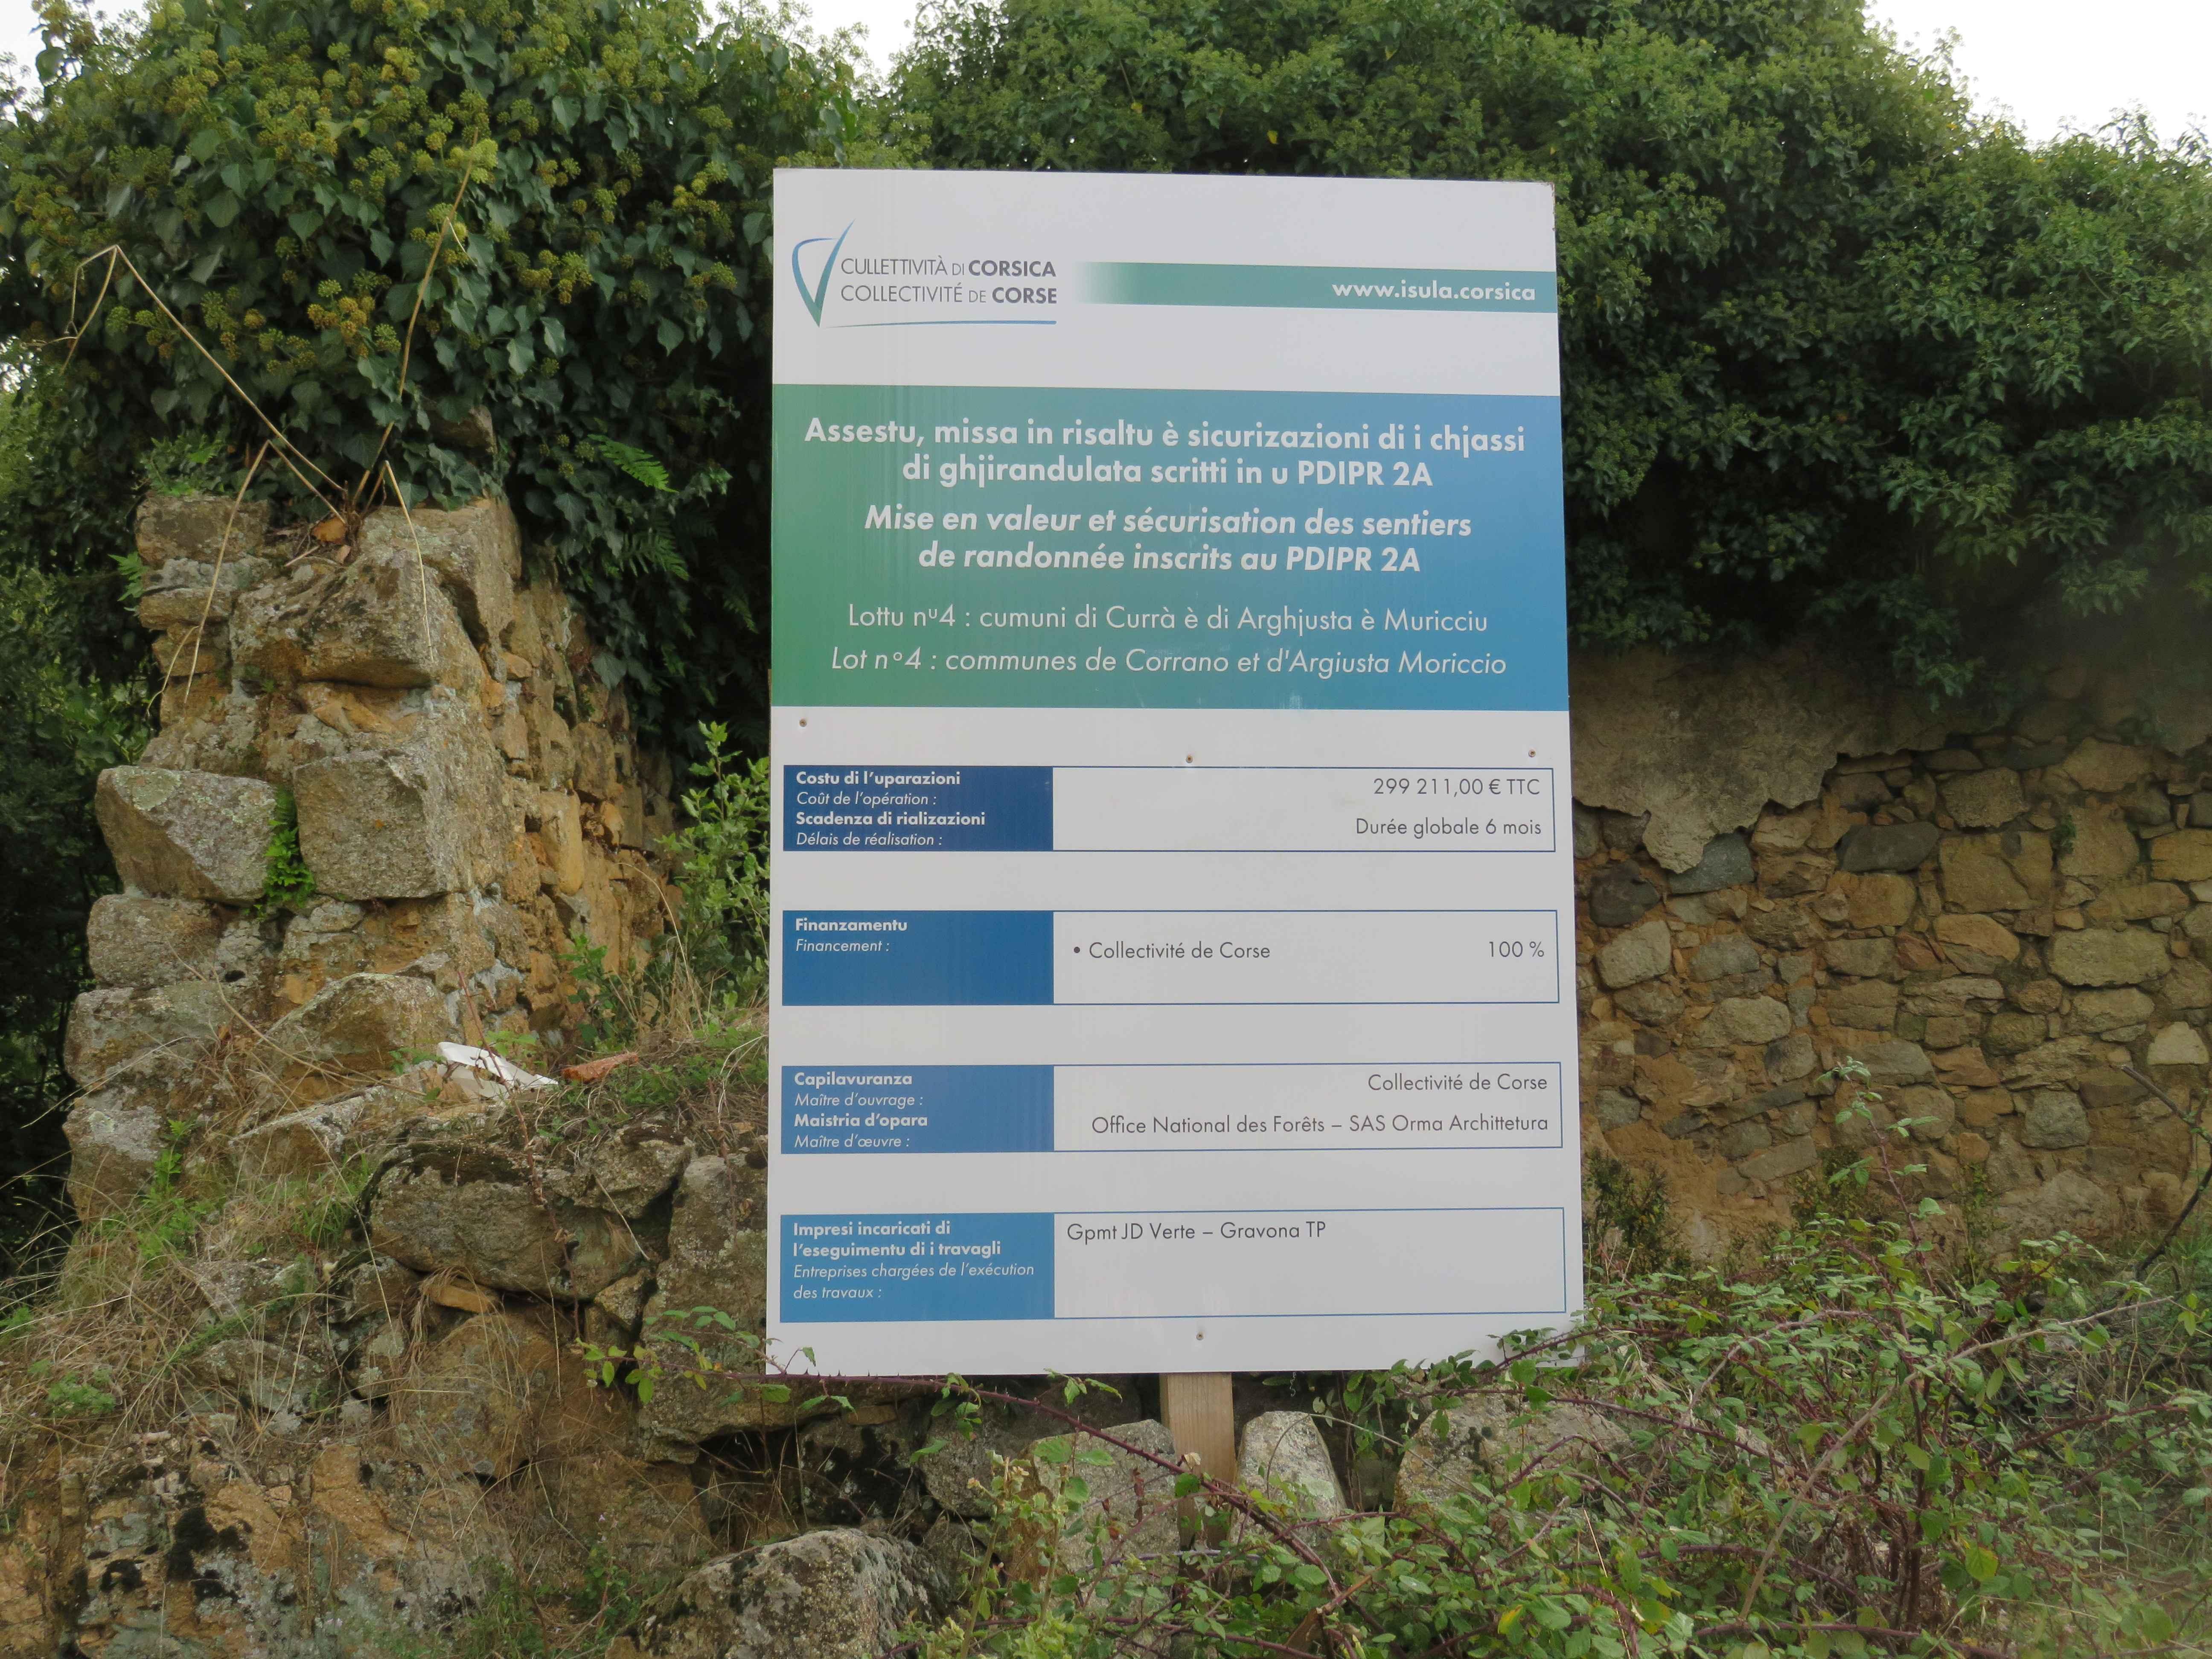 Programme de mise en valeur et de sécurisation des sentiers de randonnée